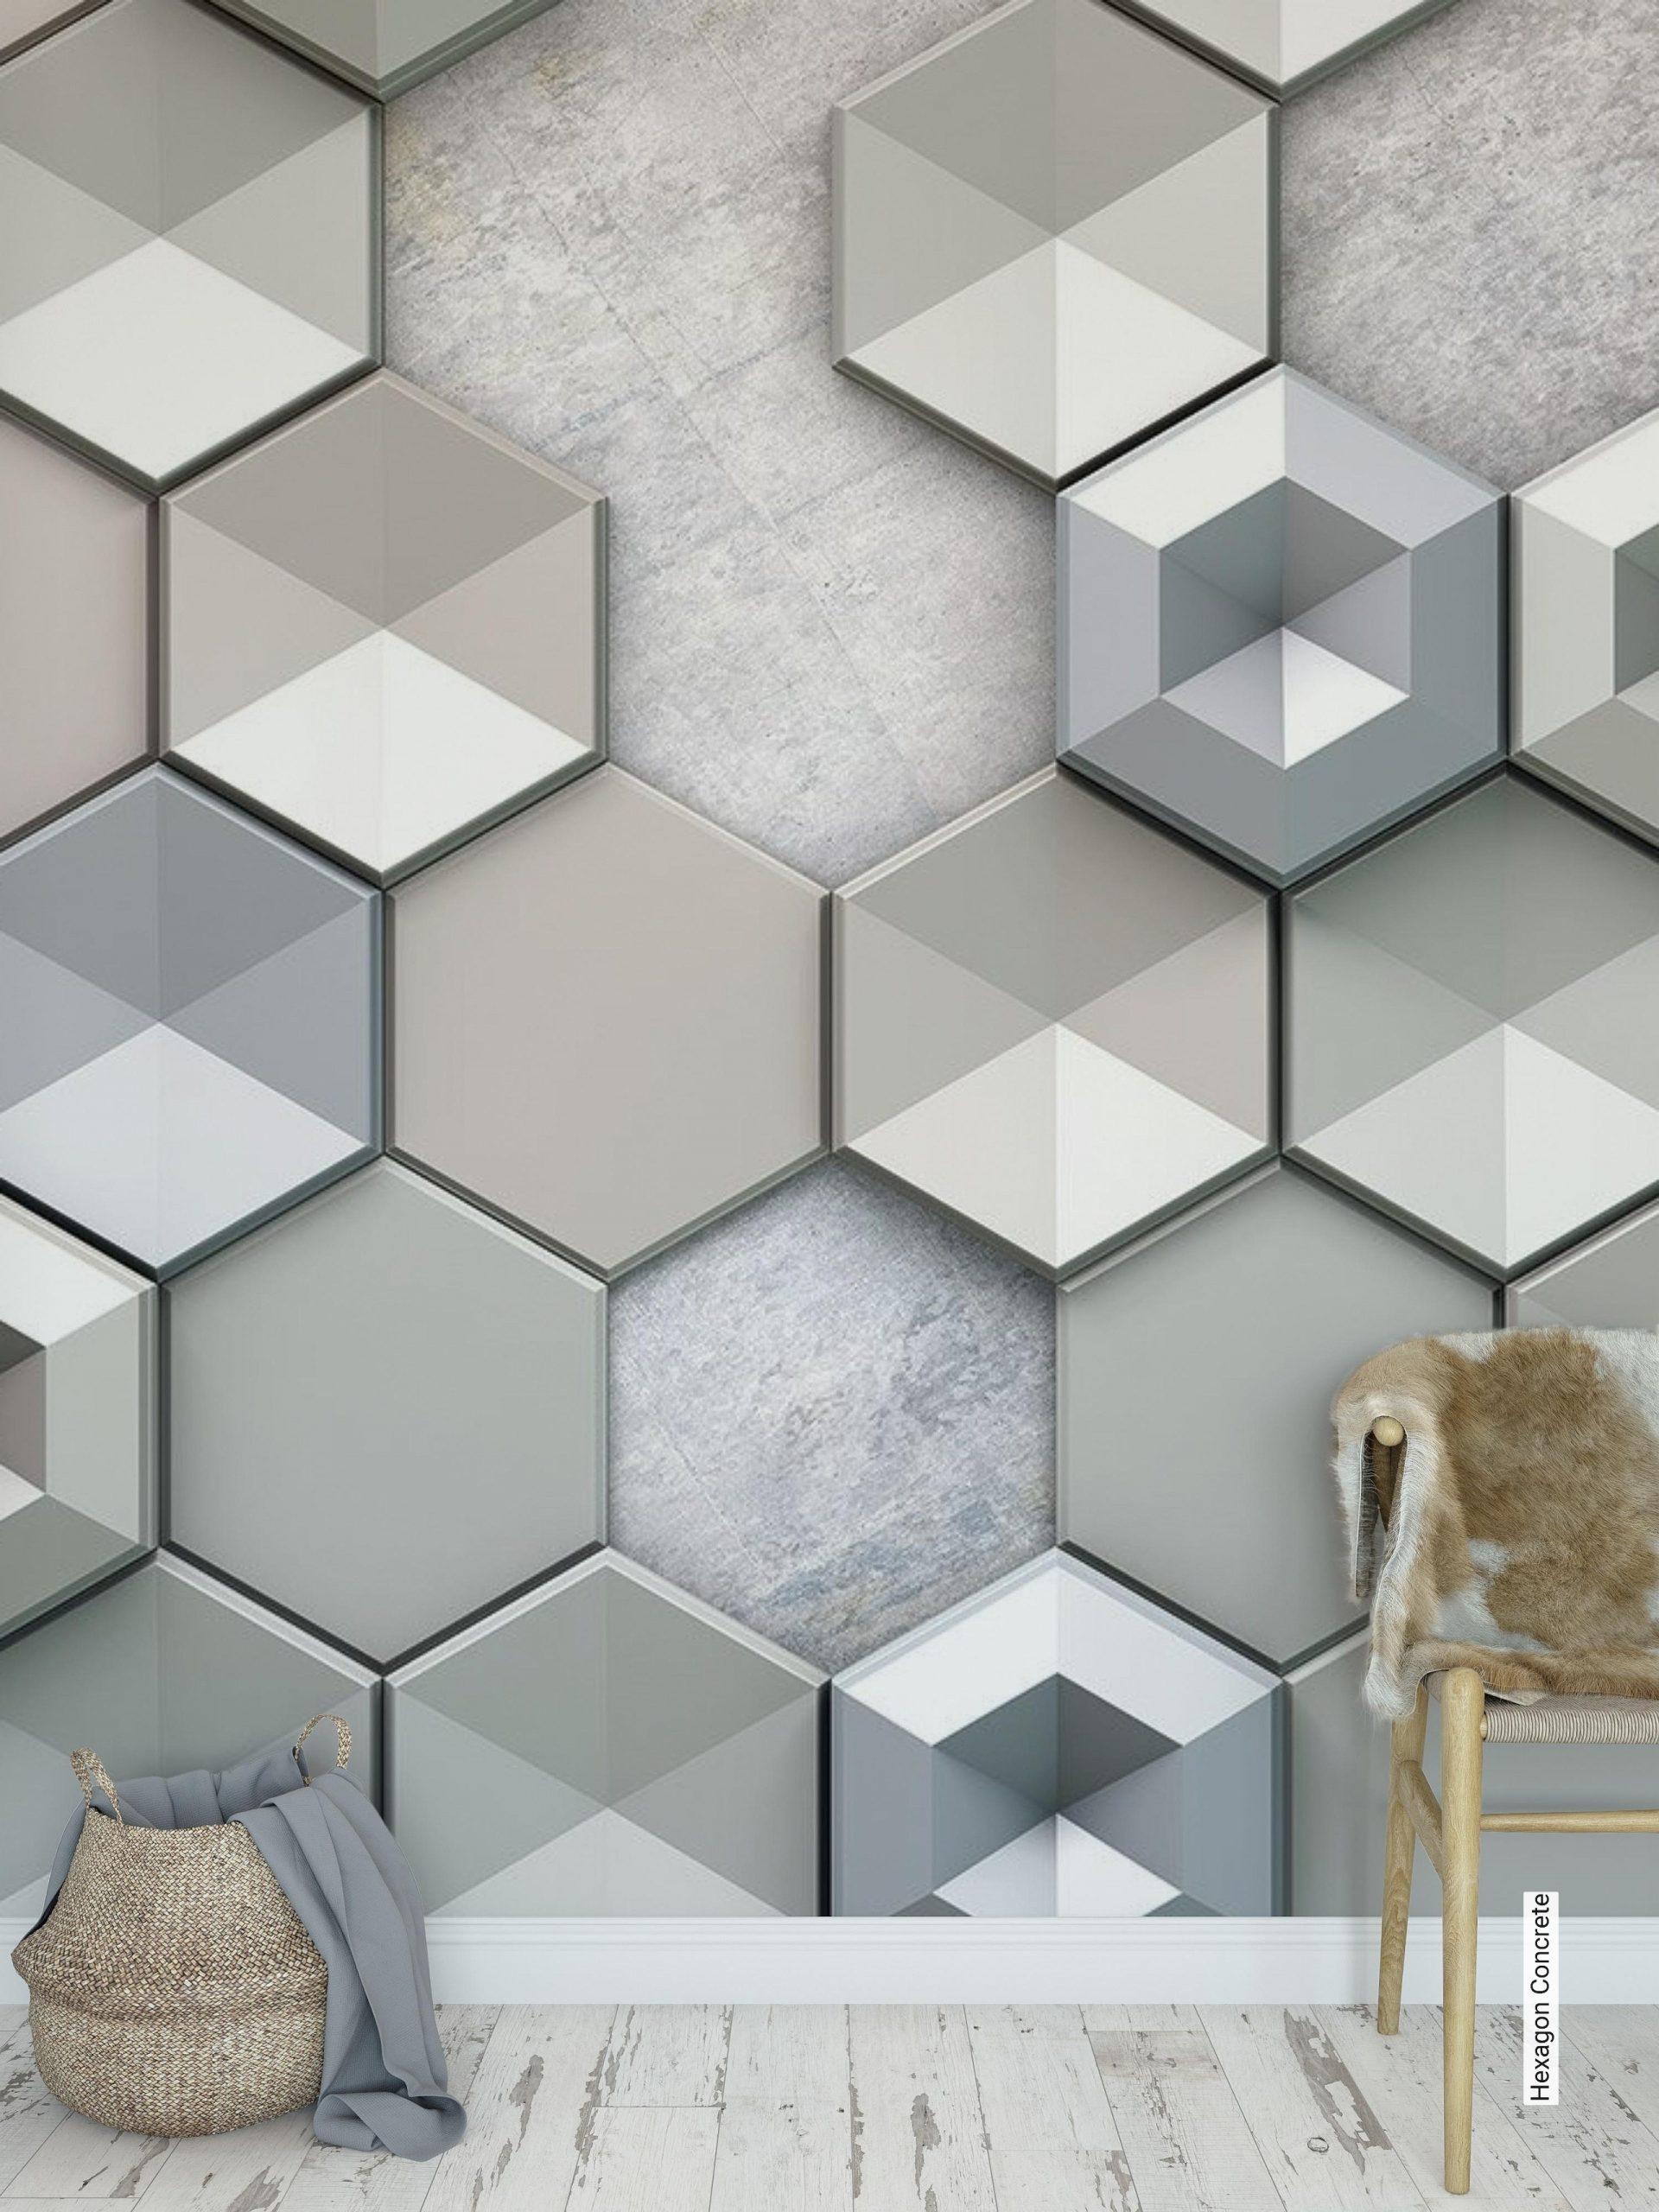 Full Size of Tapete Hexagon Concrete Tapetenagenturde Tapeten Schlafzimmer Für Küche Wohnzimmer Ideen Fototapeten Die Wohnzimmer 3d Tapeten